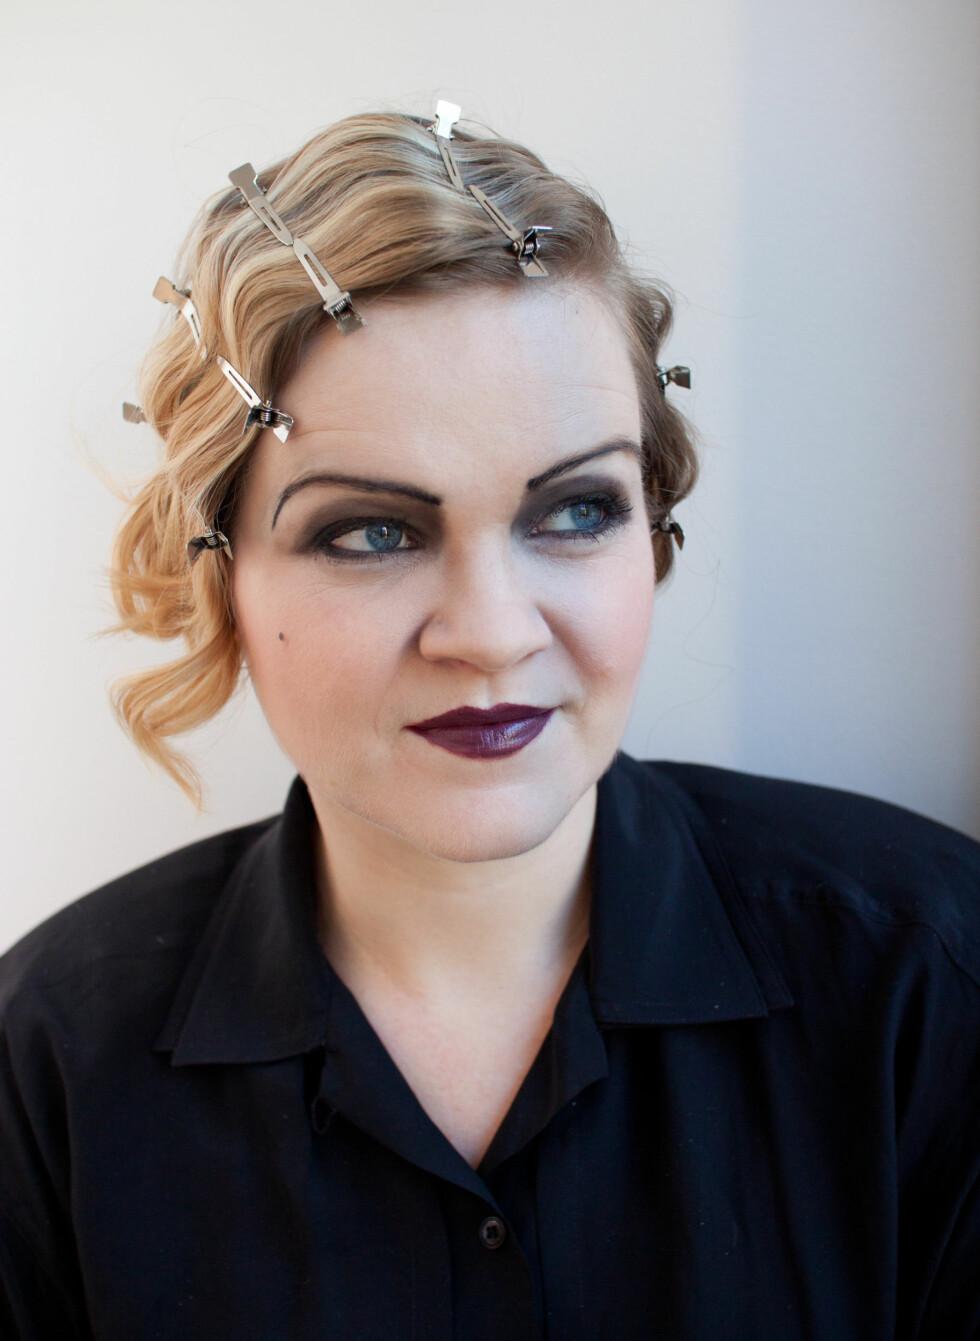 – De andre klemmene er mer tradisjonelle typer klemmer som settes i  allerede bølget hår for å sette dypere spor, sier Kristin Hove. Begge typene klyper kan være vanskelig å få tak i i Norge, men eBay har som kjent det meste, også hårklyper i forskjellige varianter.  Foto: Kristin Hove